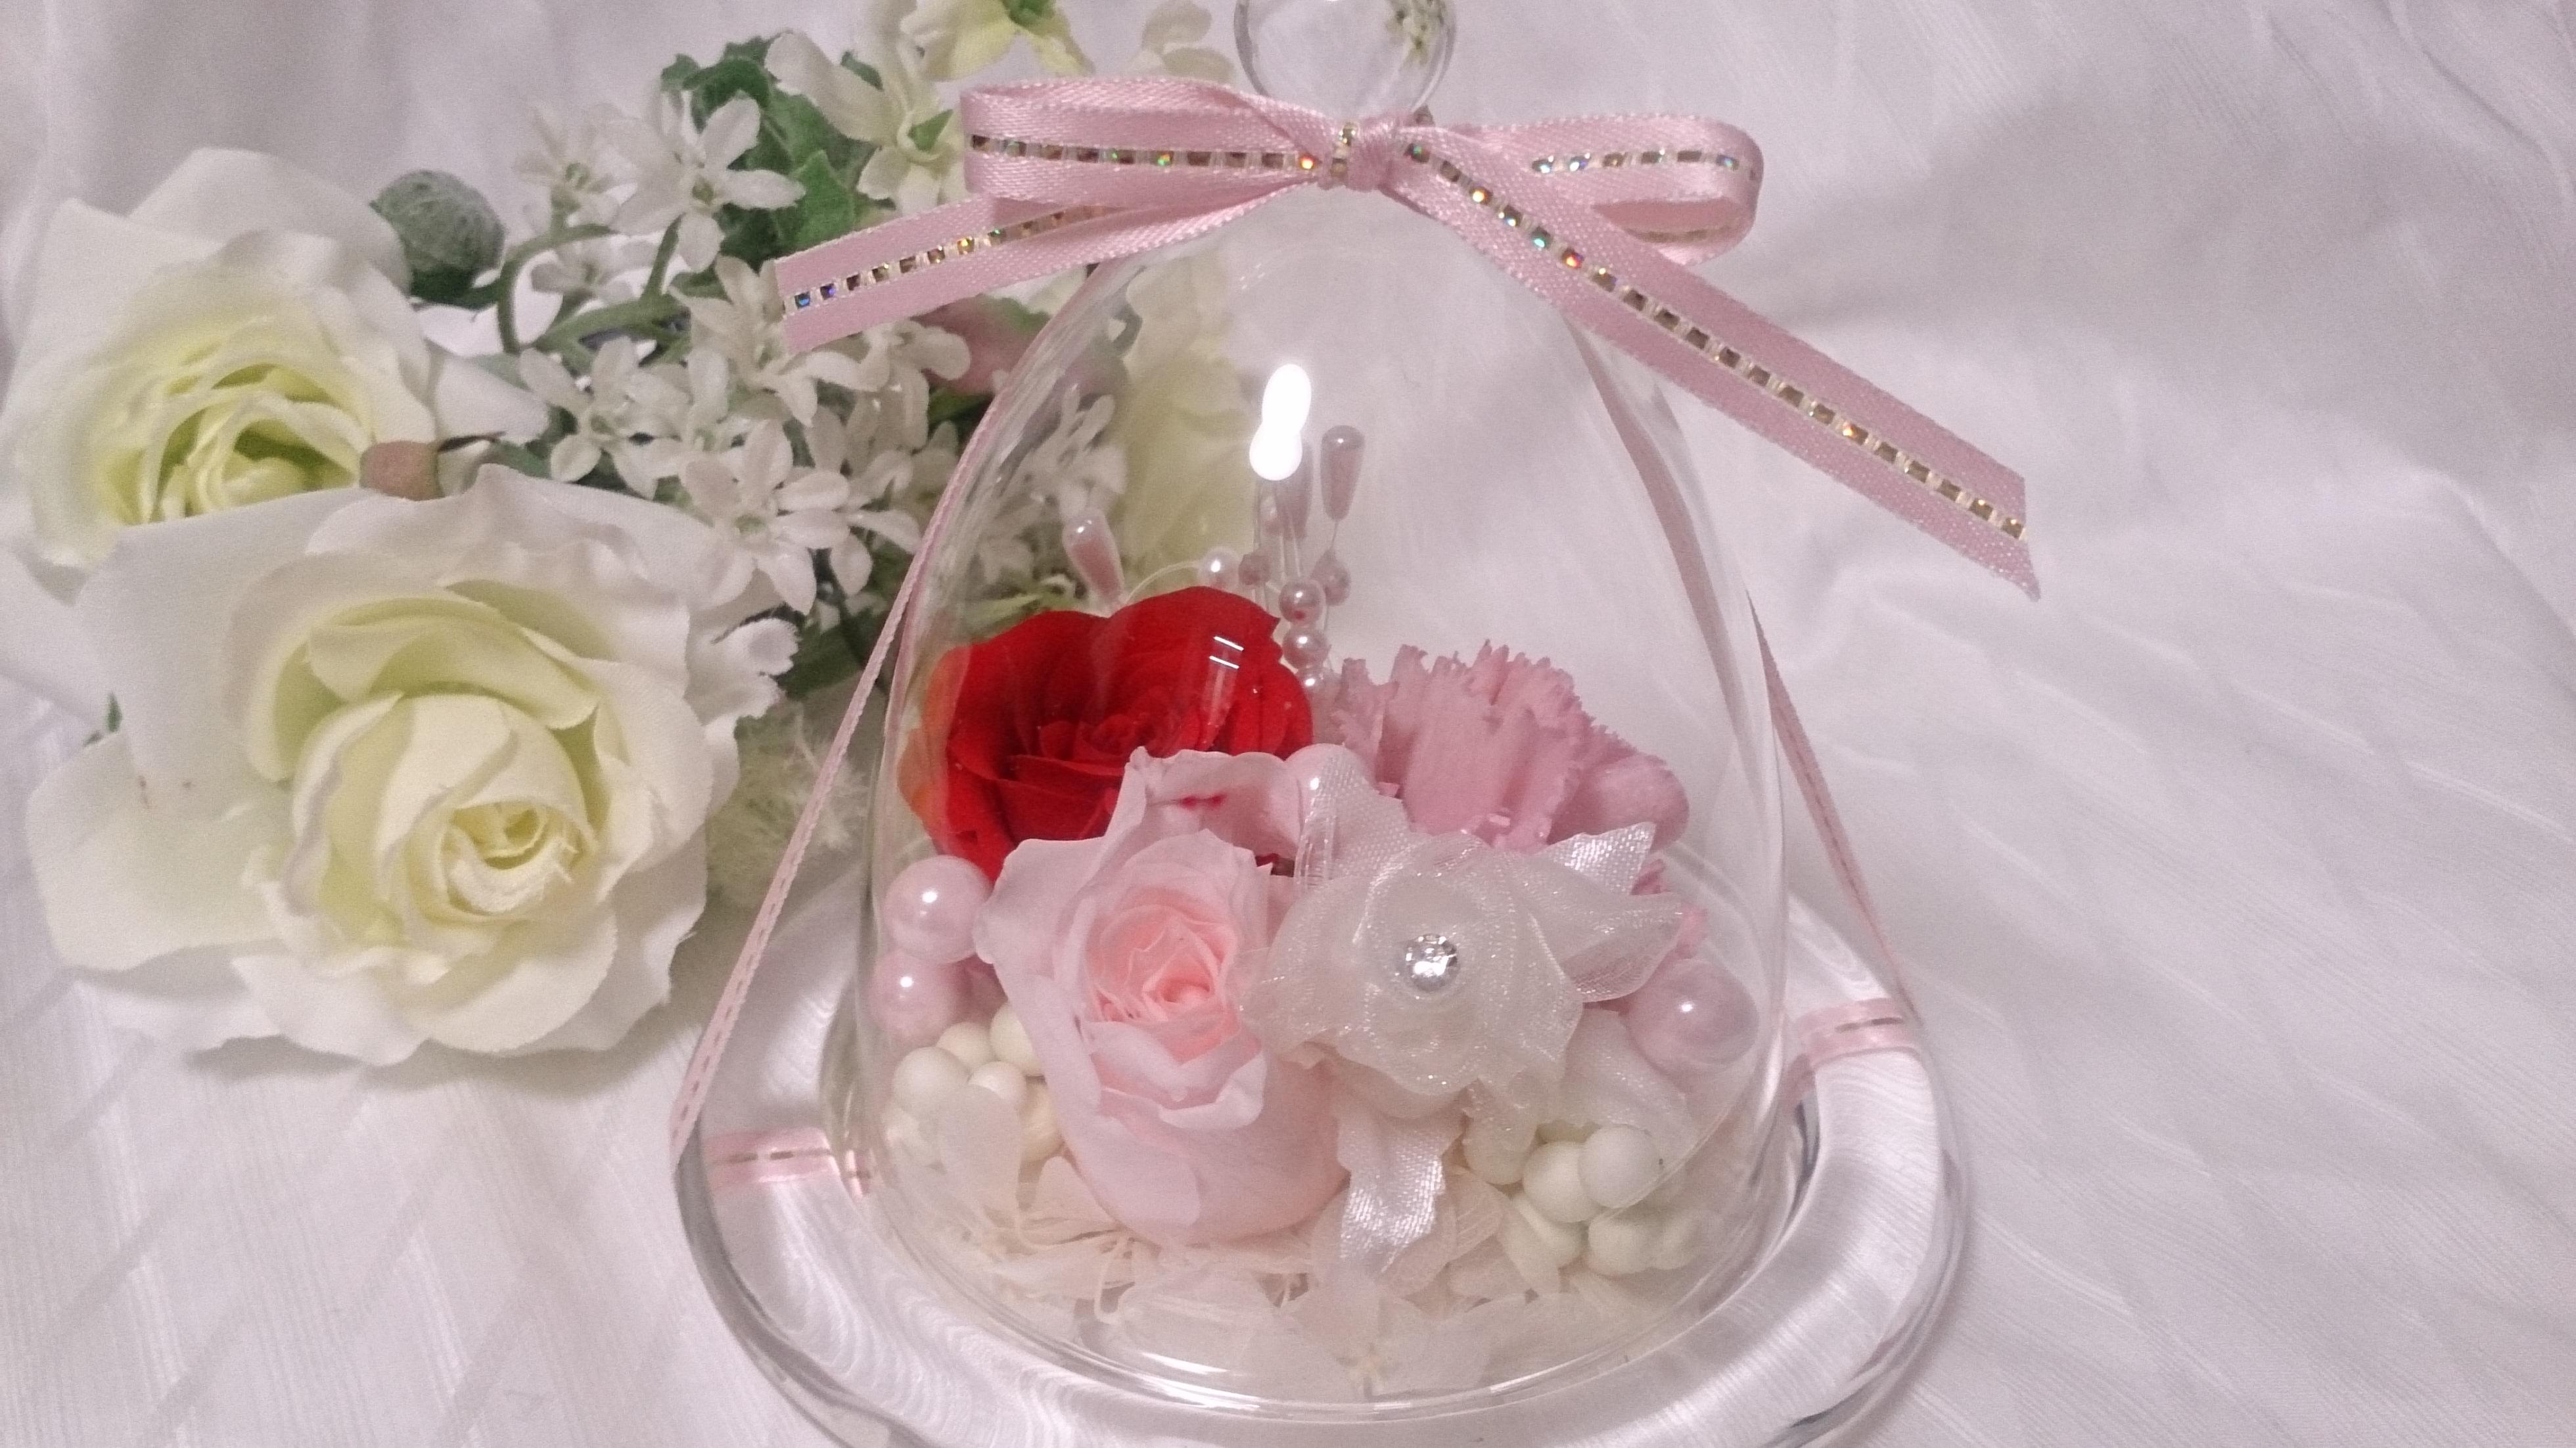 【贈り物に】プリザーブドフラワークリスタルローズドーム♪【母の日】